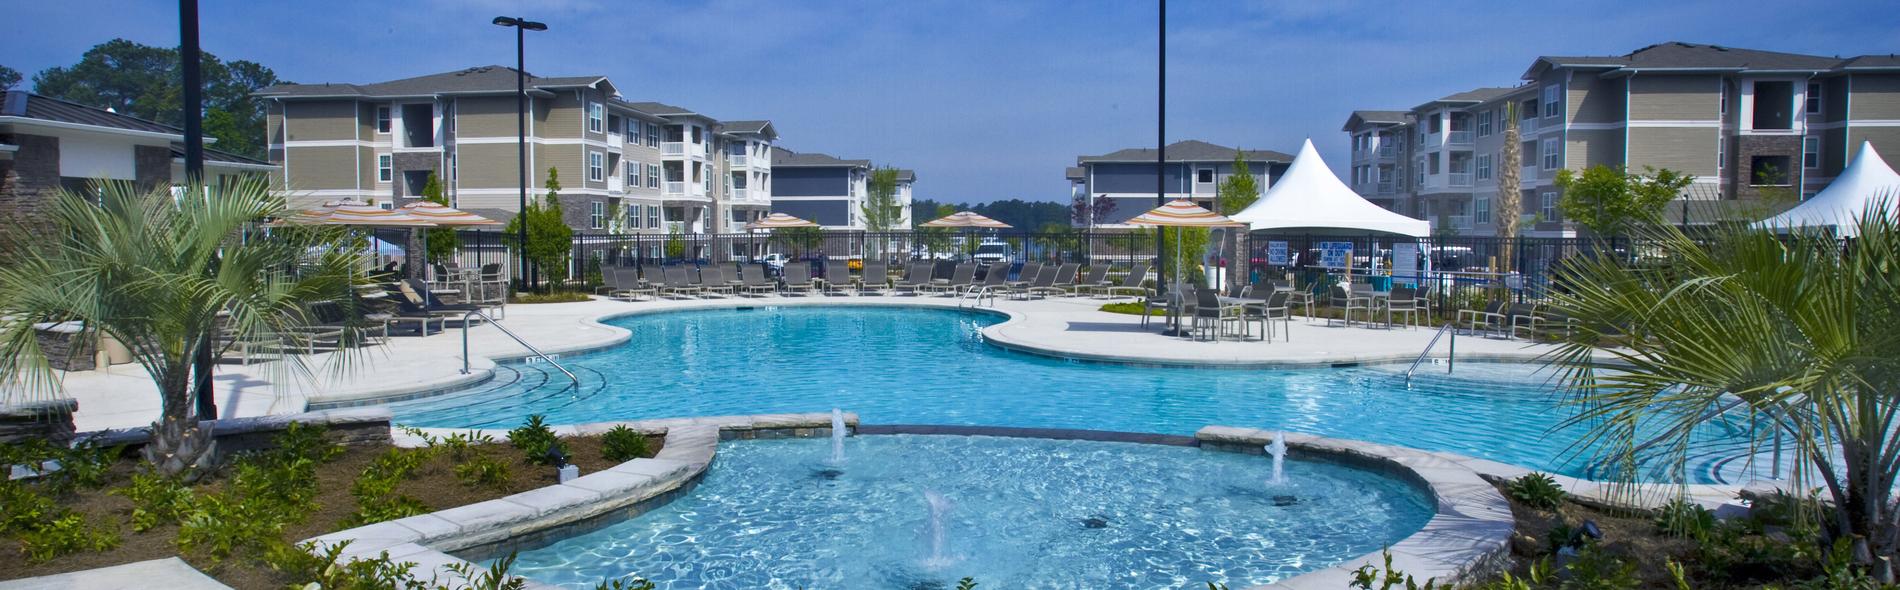 Pool-Residence at Marina Bay Apartments